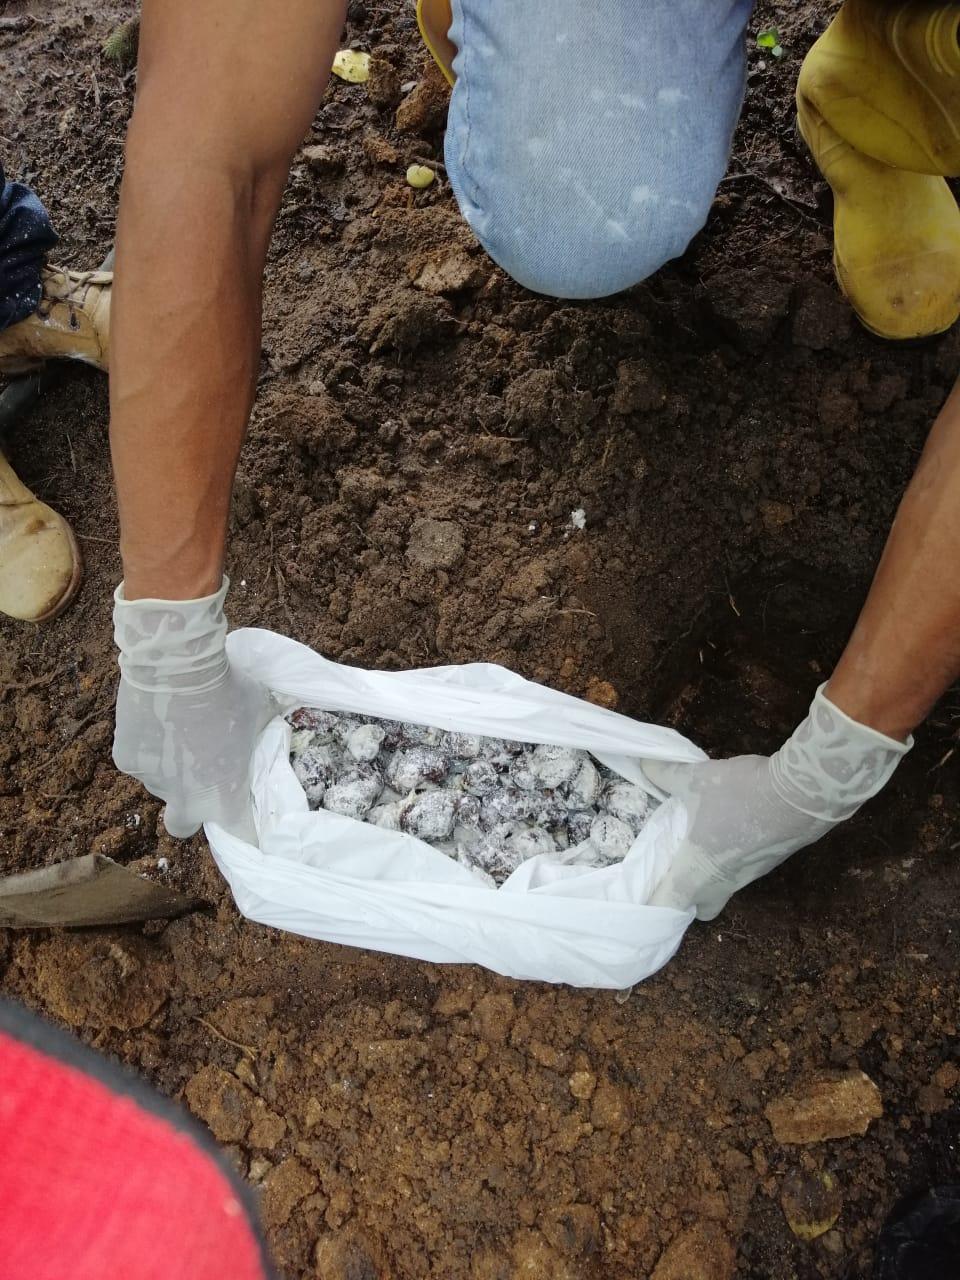 Proceso de recolección del caracol africano.